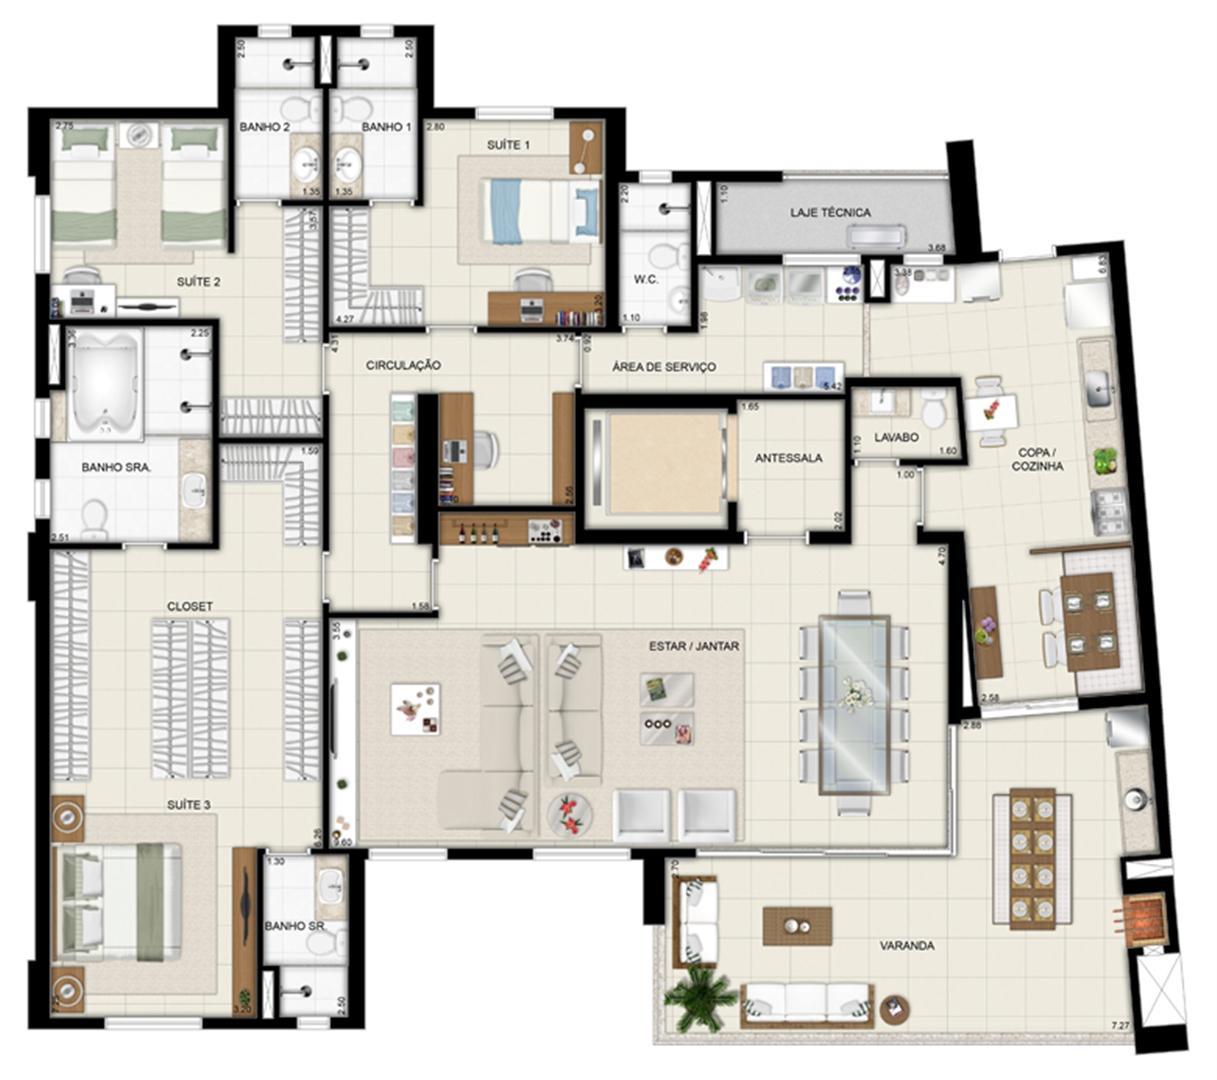 Planta opção - Torre Parc - Final 01 233 m² | Chateau Marista LifeStyle – Apartamento no  Setor Marista - Goiânia - Goiás